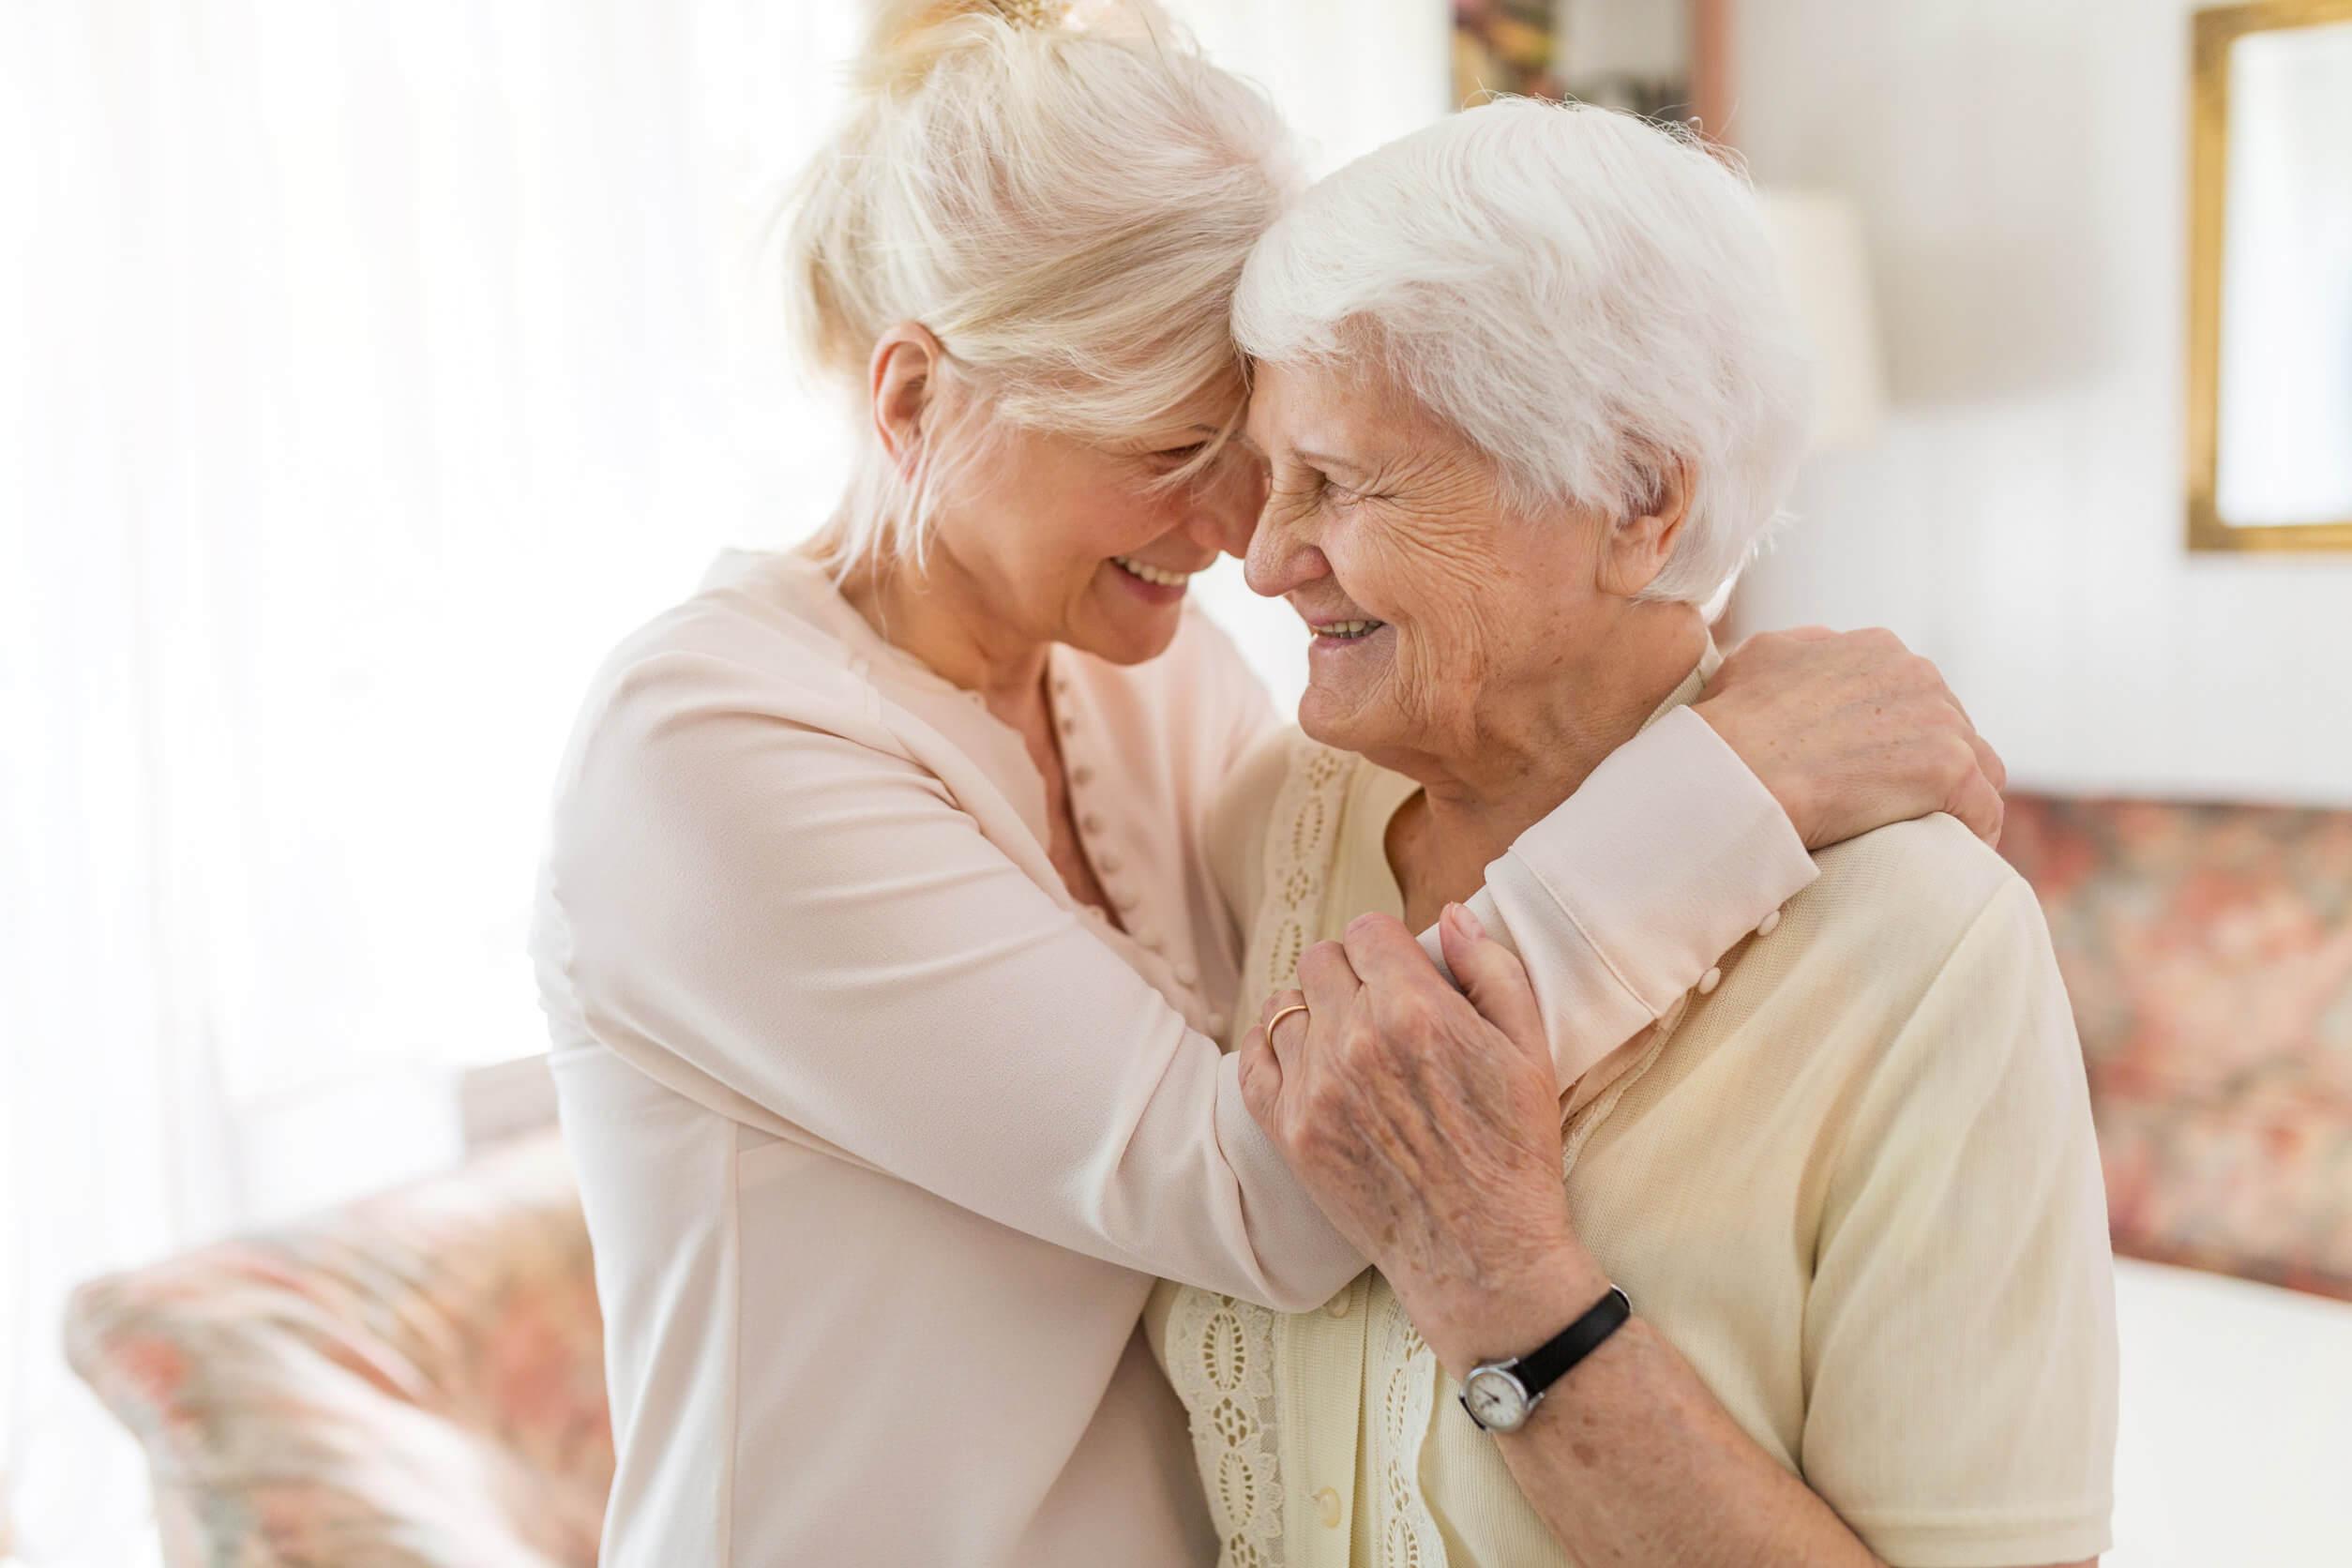 Las demencias se han reducido un 20%: aspectos quetener en cuenta